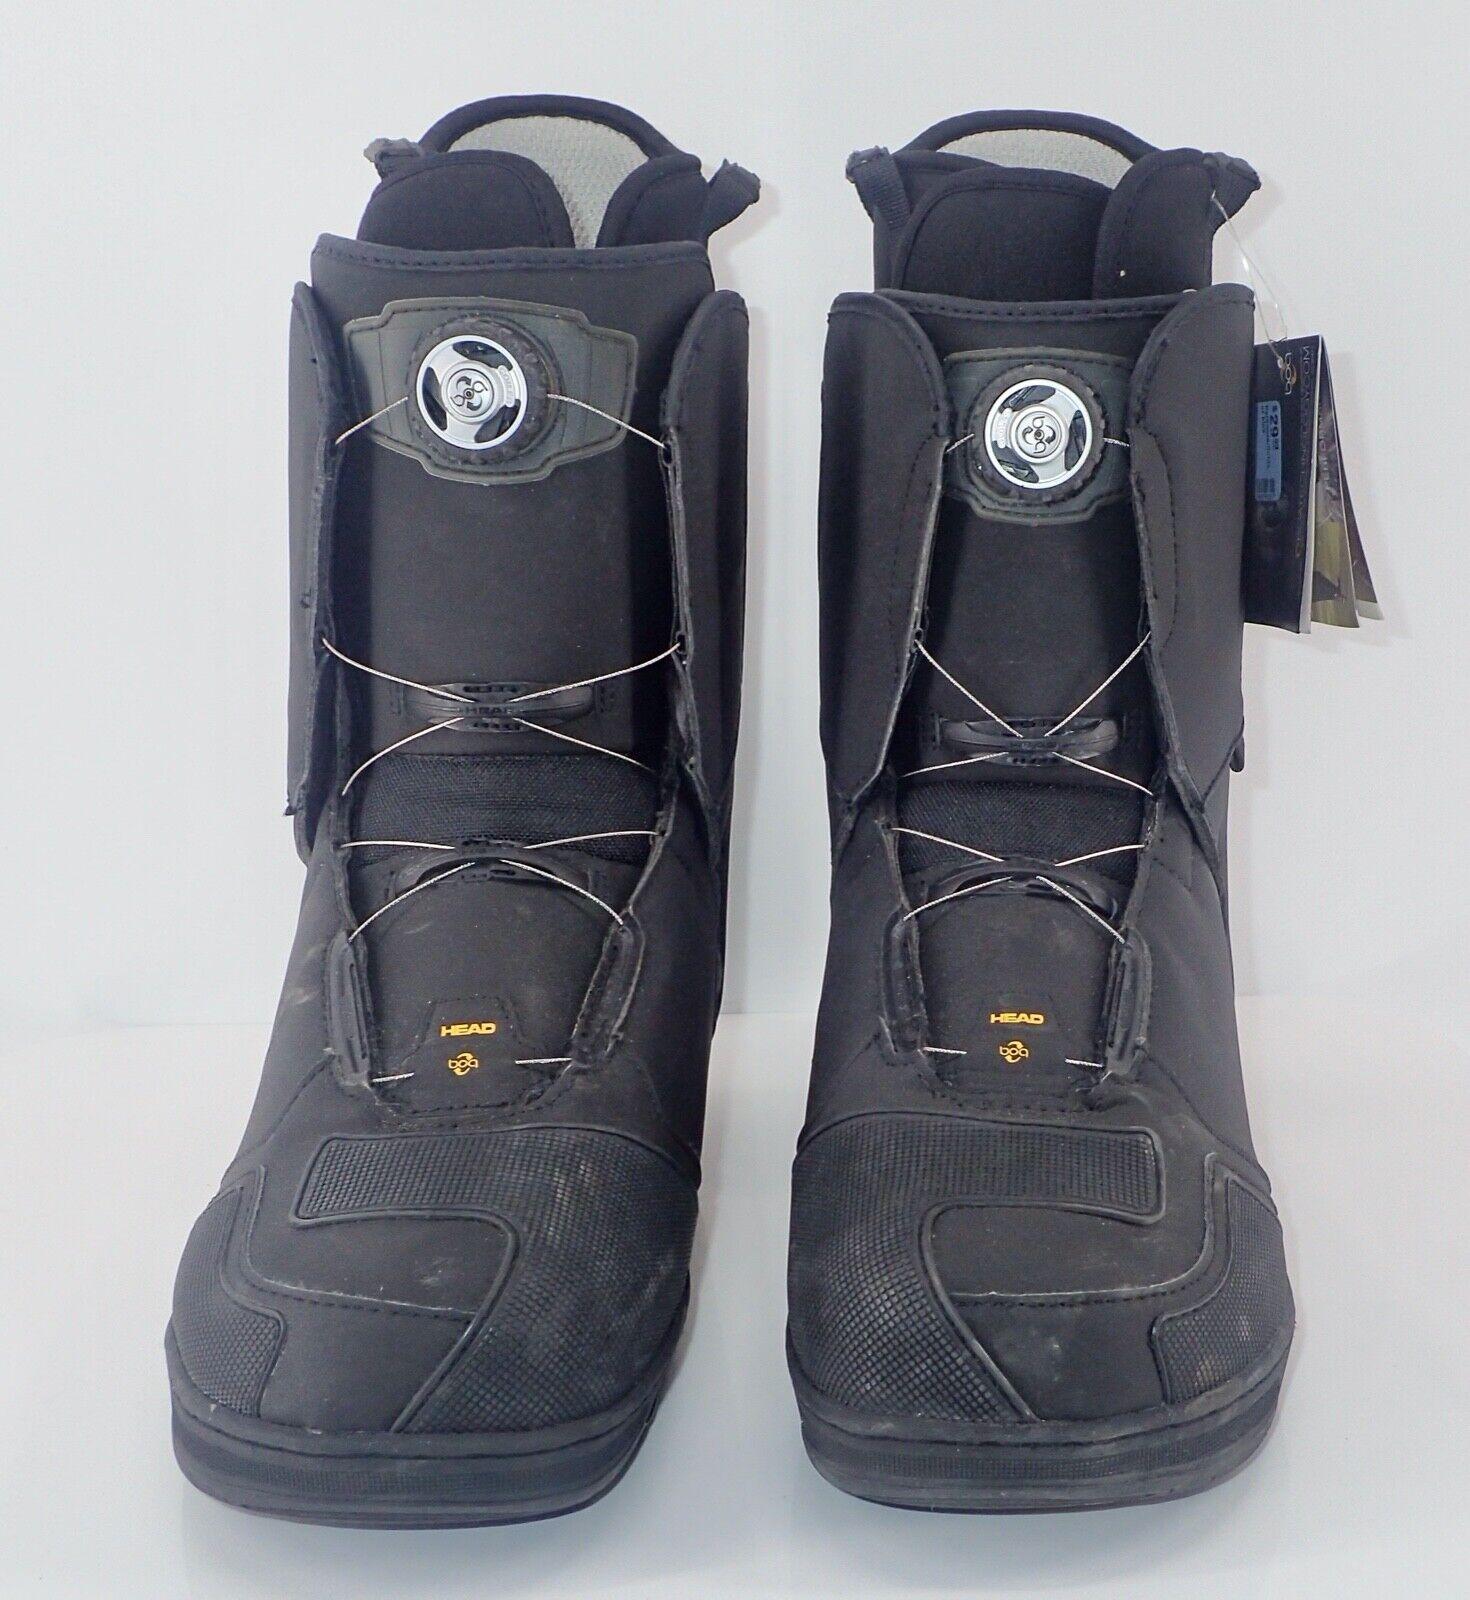 Head Snowboard Boots Size 14.5 / 32.5 Art # 357526 Black New